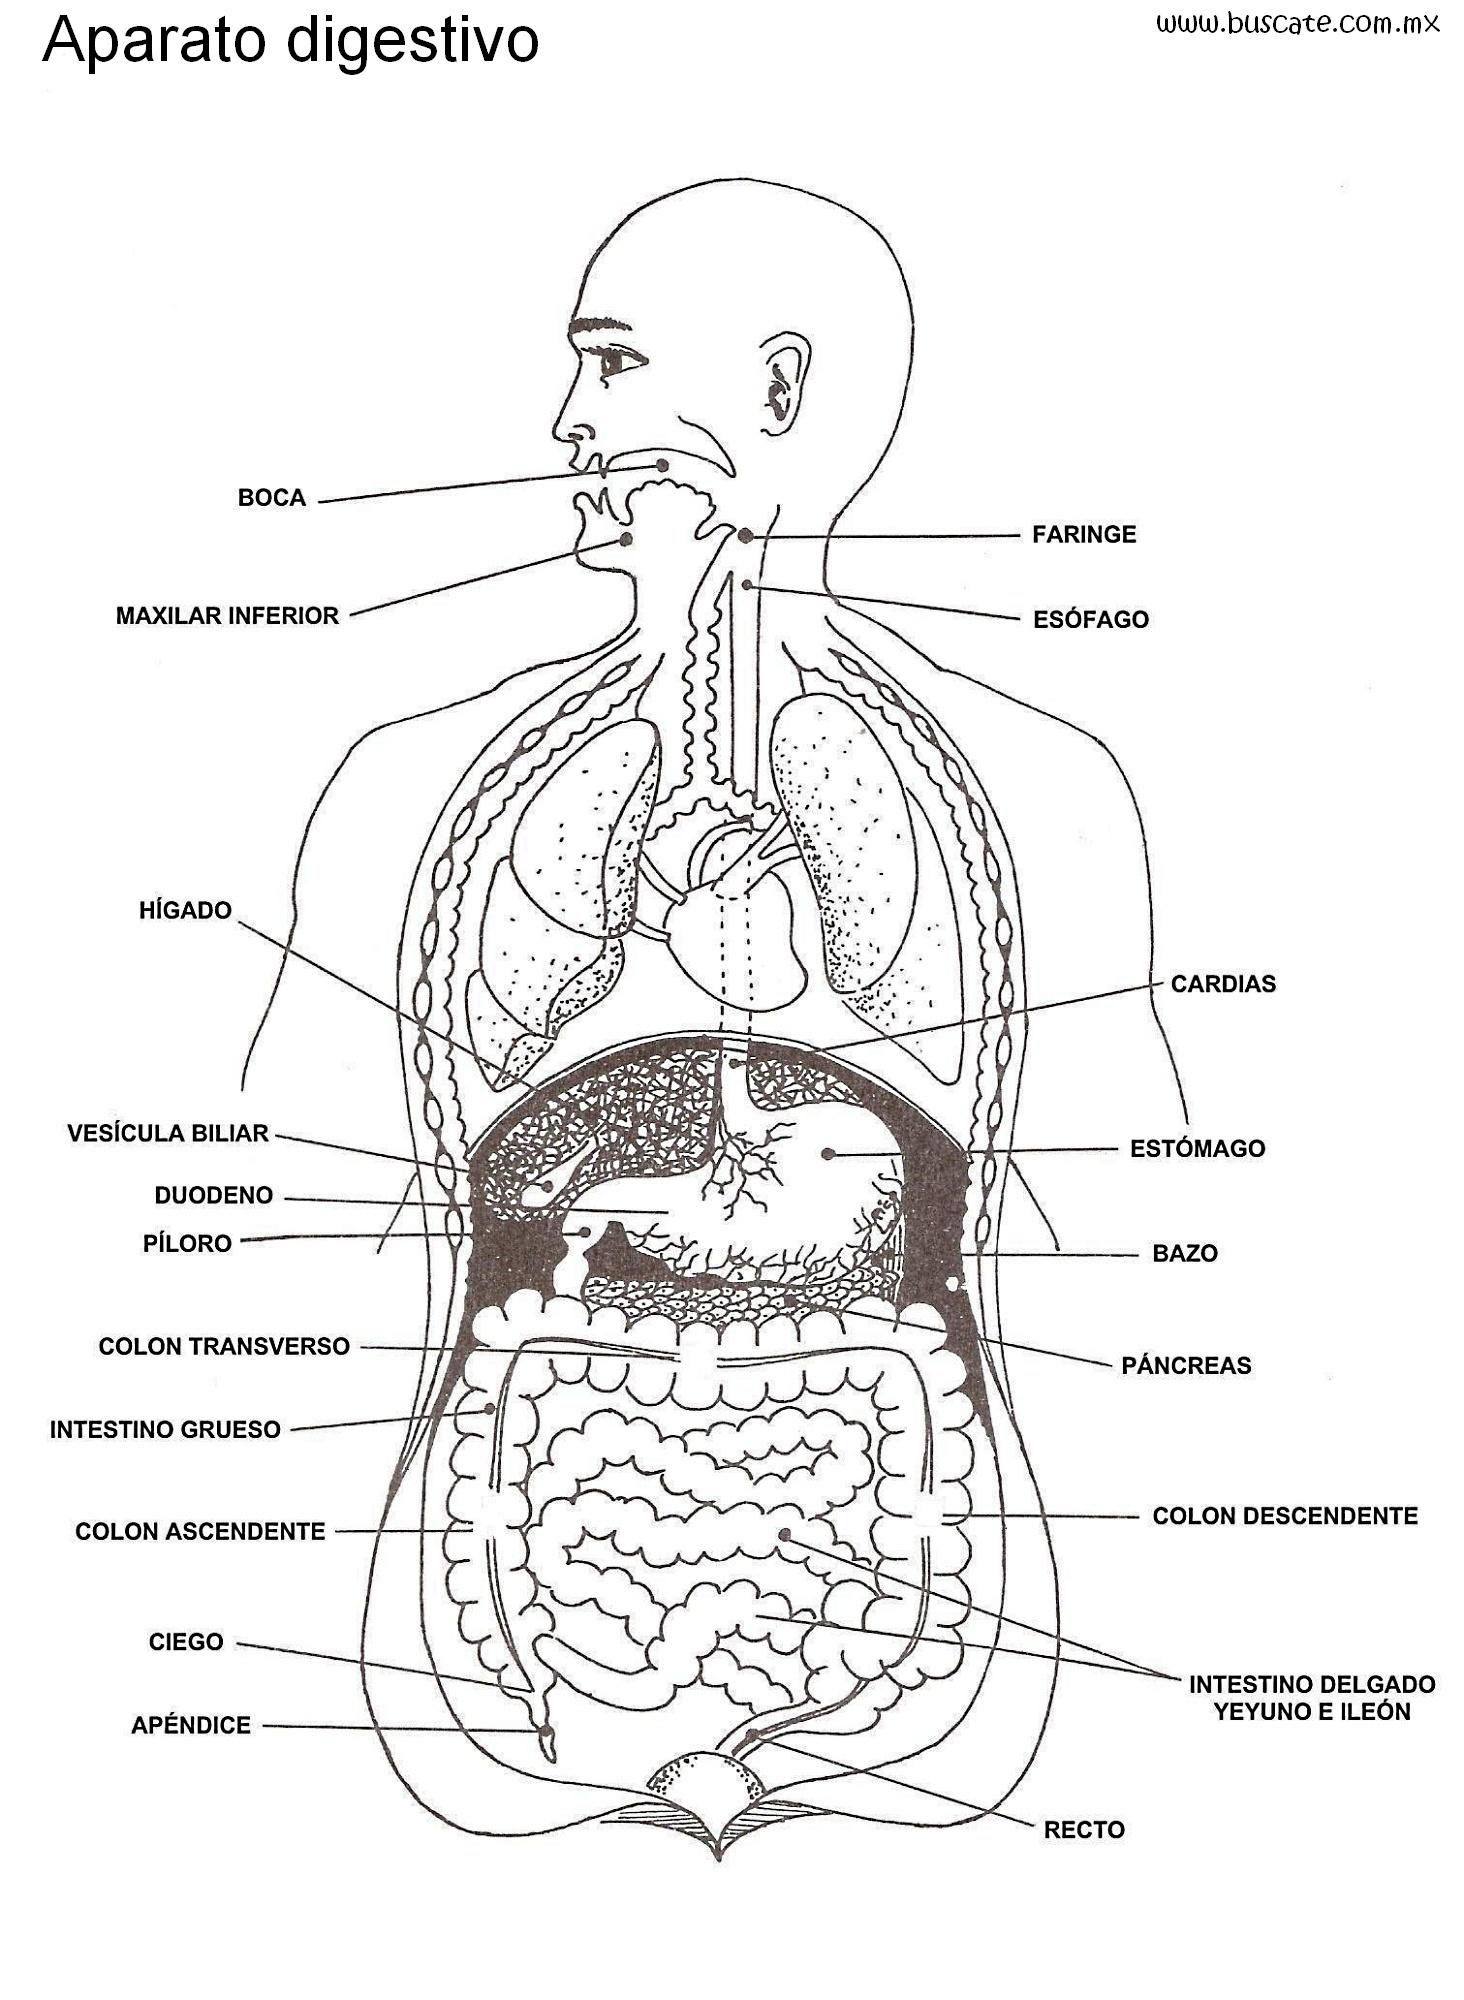 Aparato Digestivo Para Colorear Con Nombres Por Favor